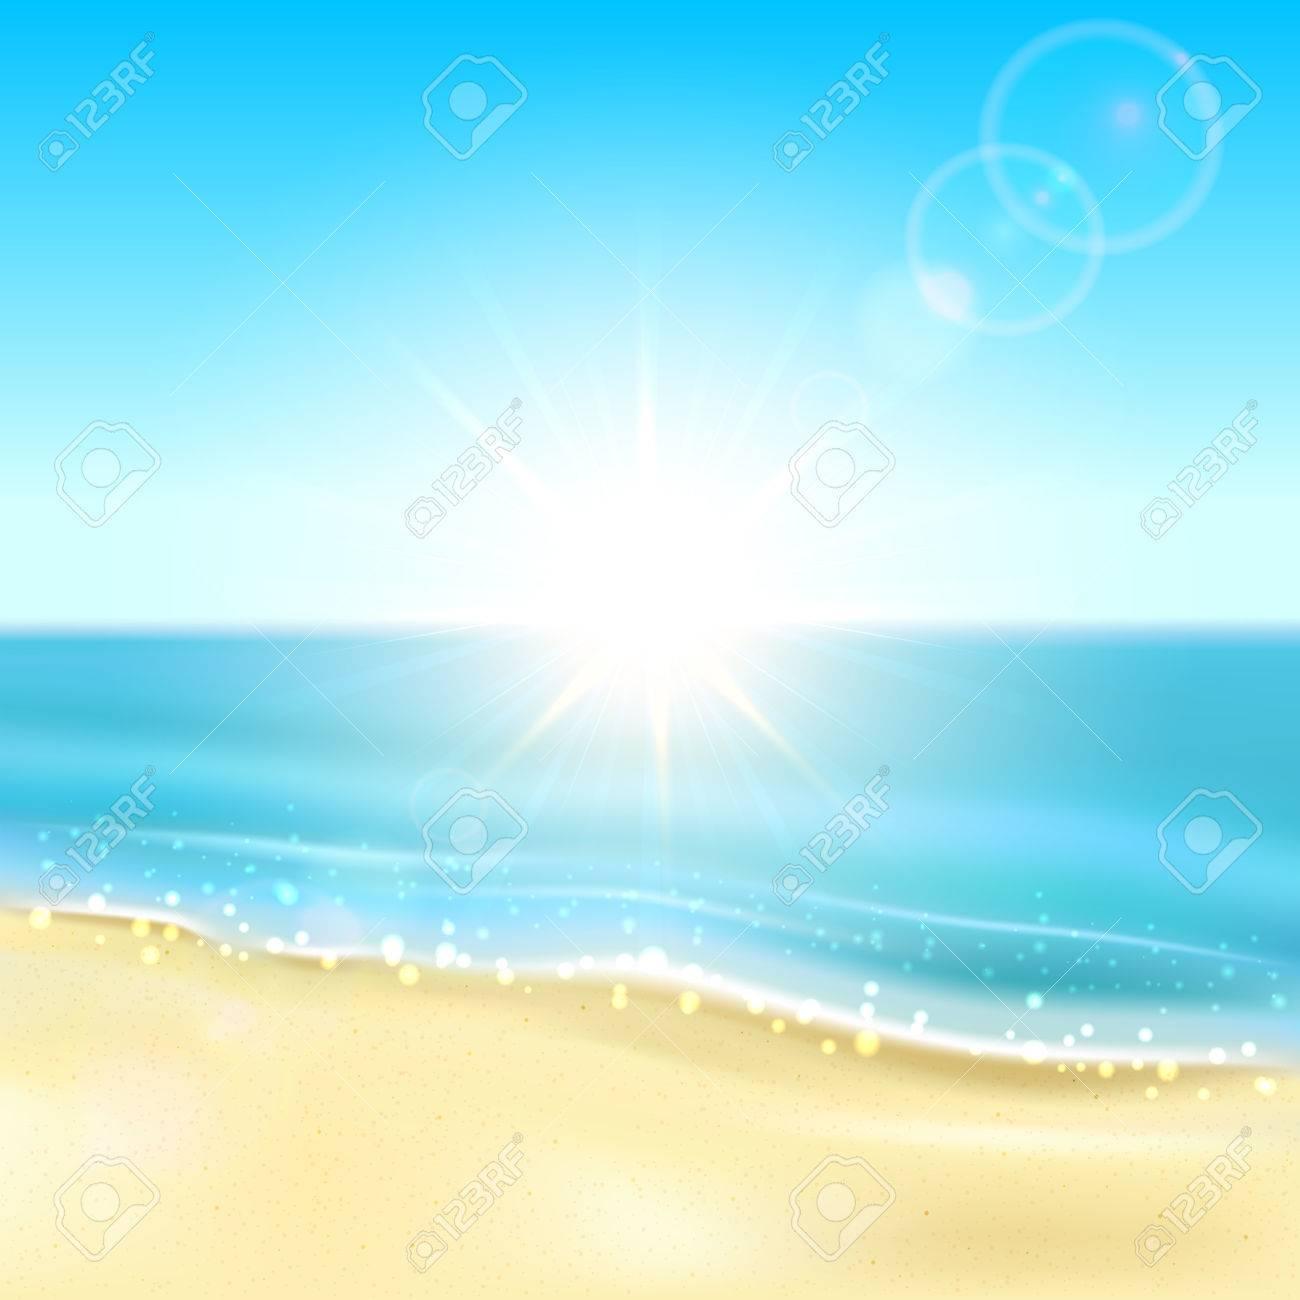 砂浜のビーチと輝く海イラストと日当たりの良いバック グラウンドの